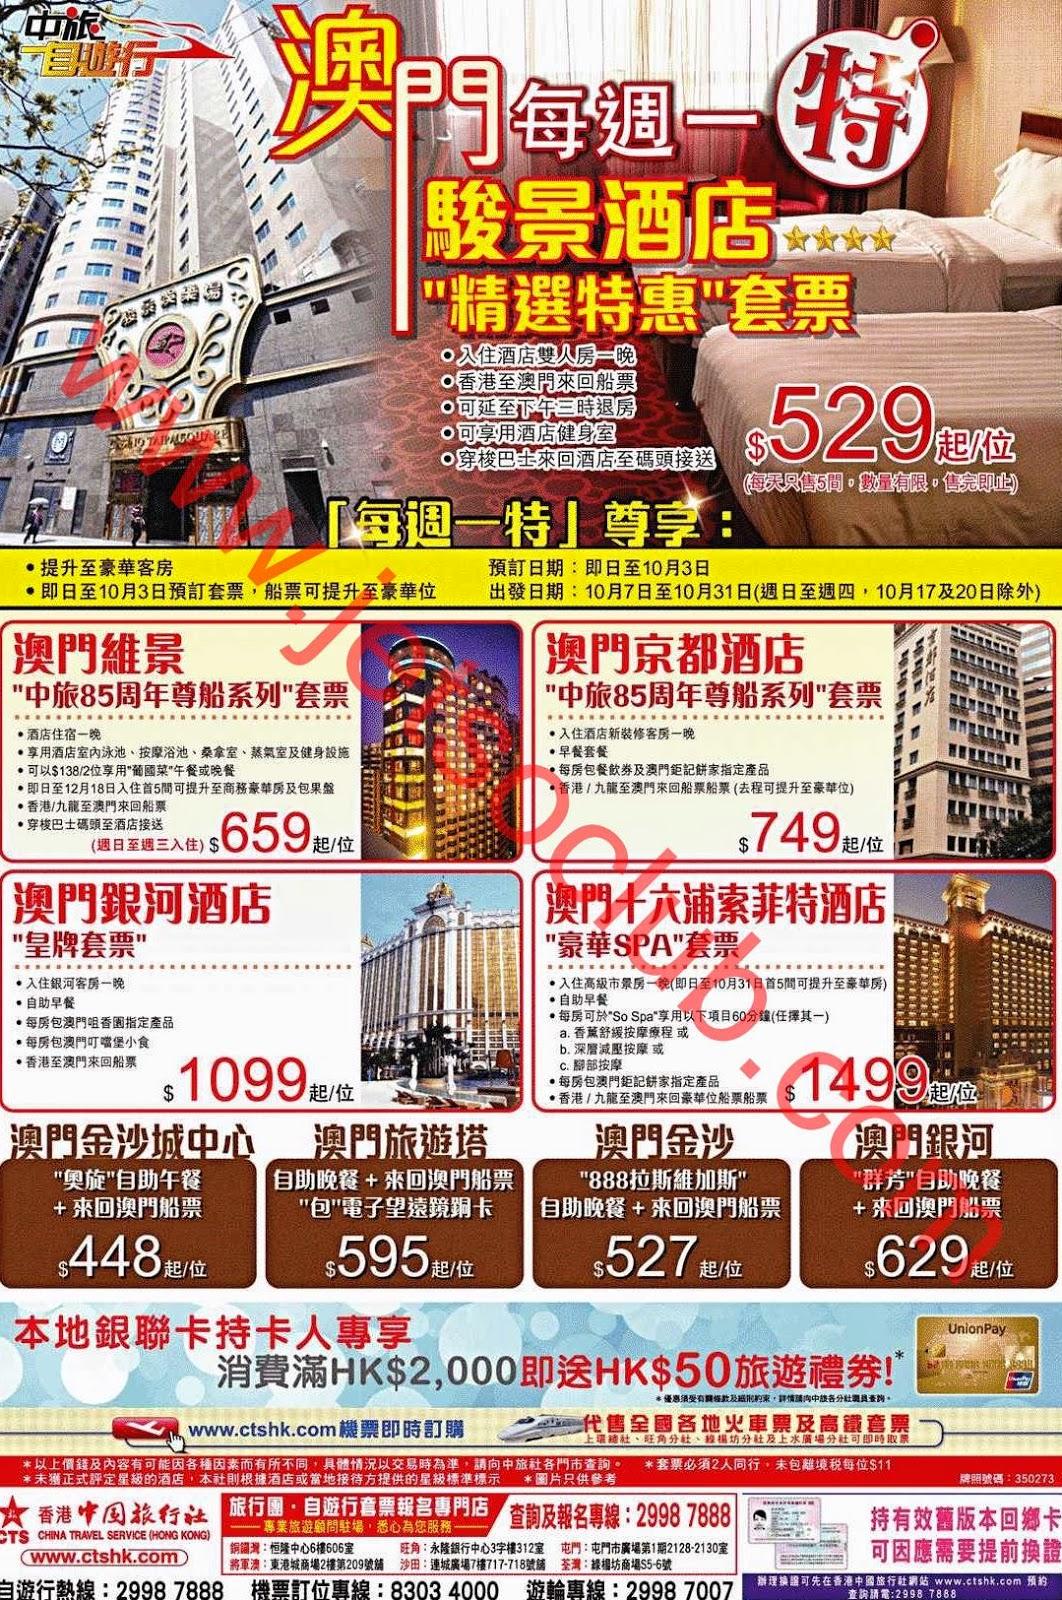 中旅社:澳門自由行套票 酒店+船票 $529起(至3/10) ( Jetso Club 著數俱樂部 )